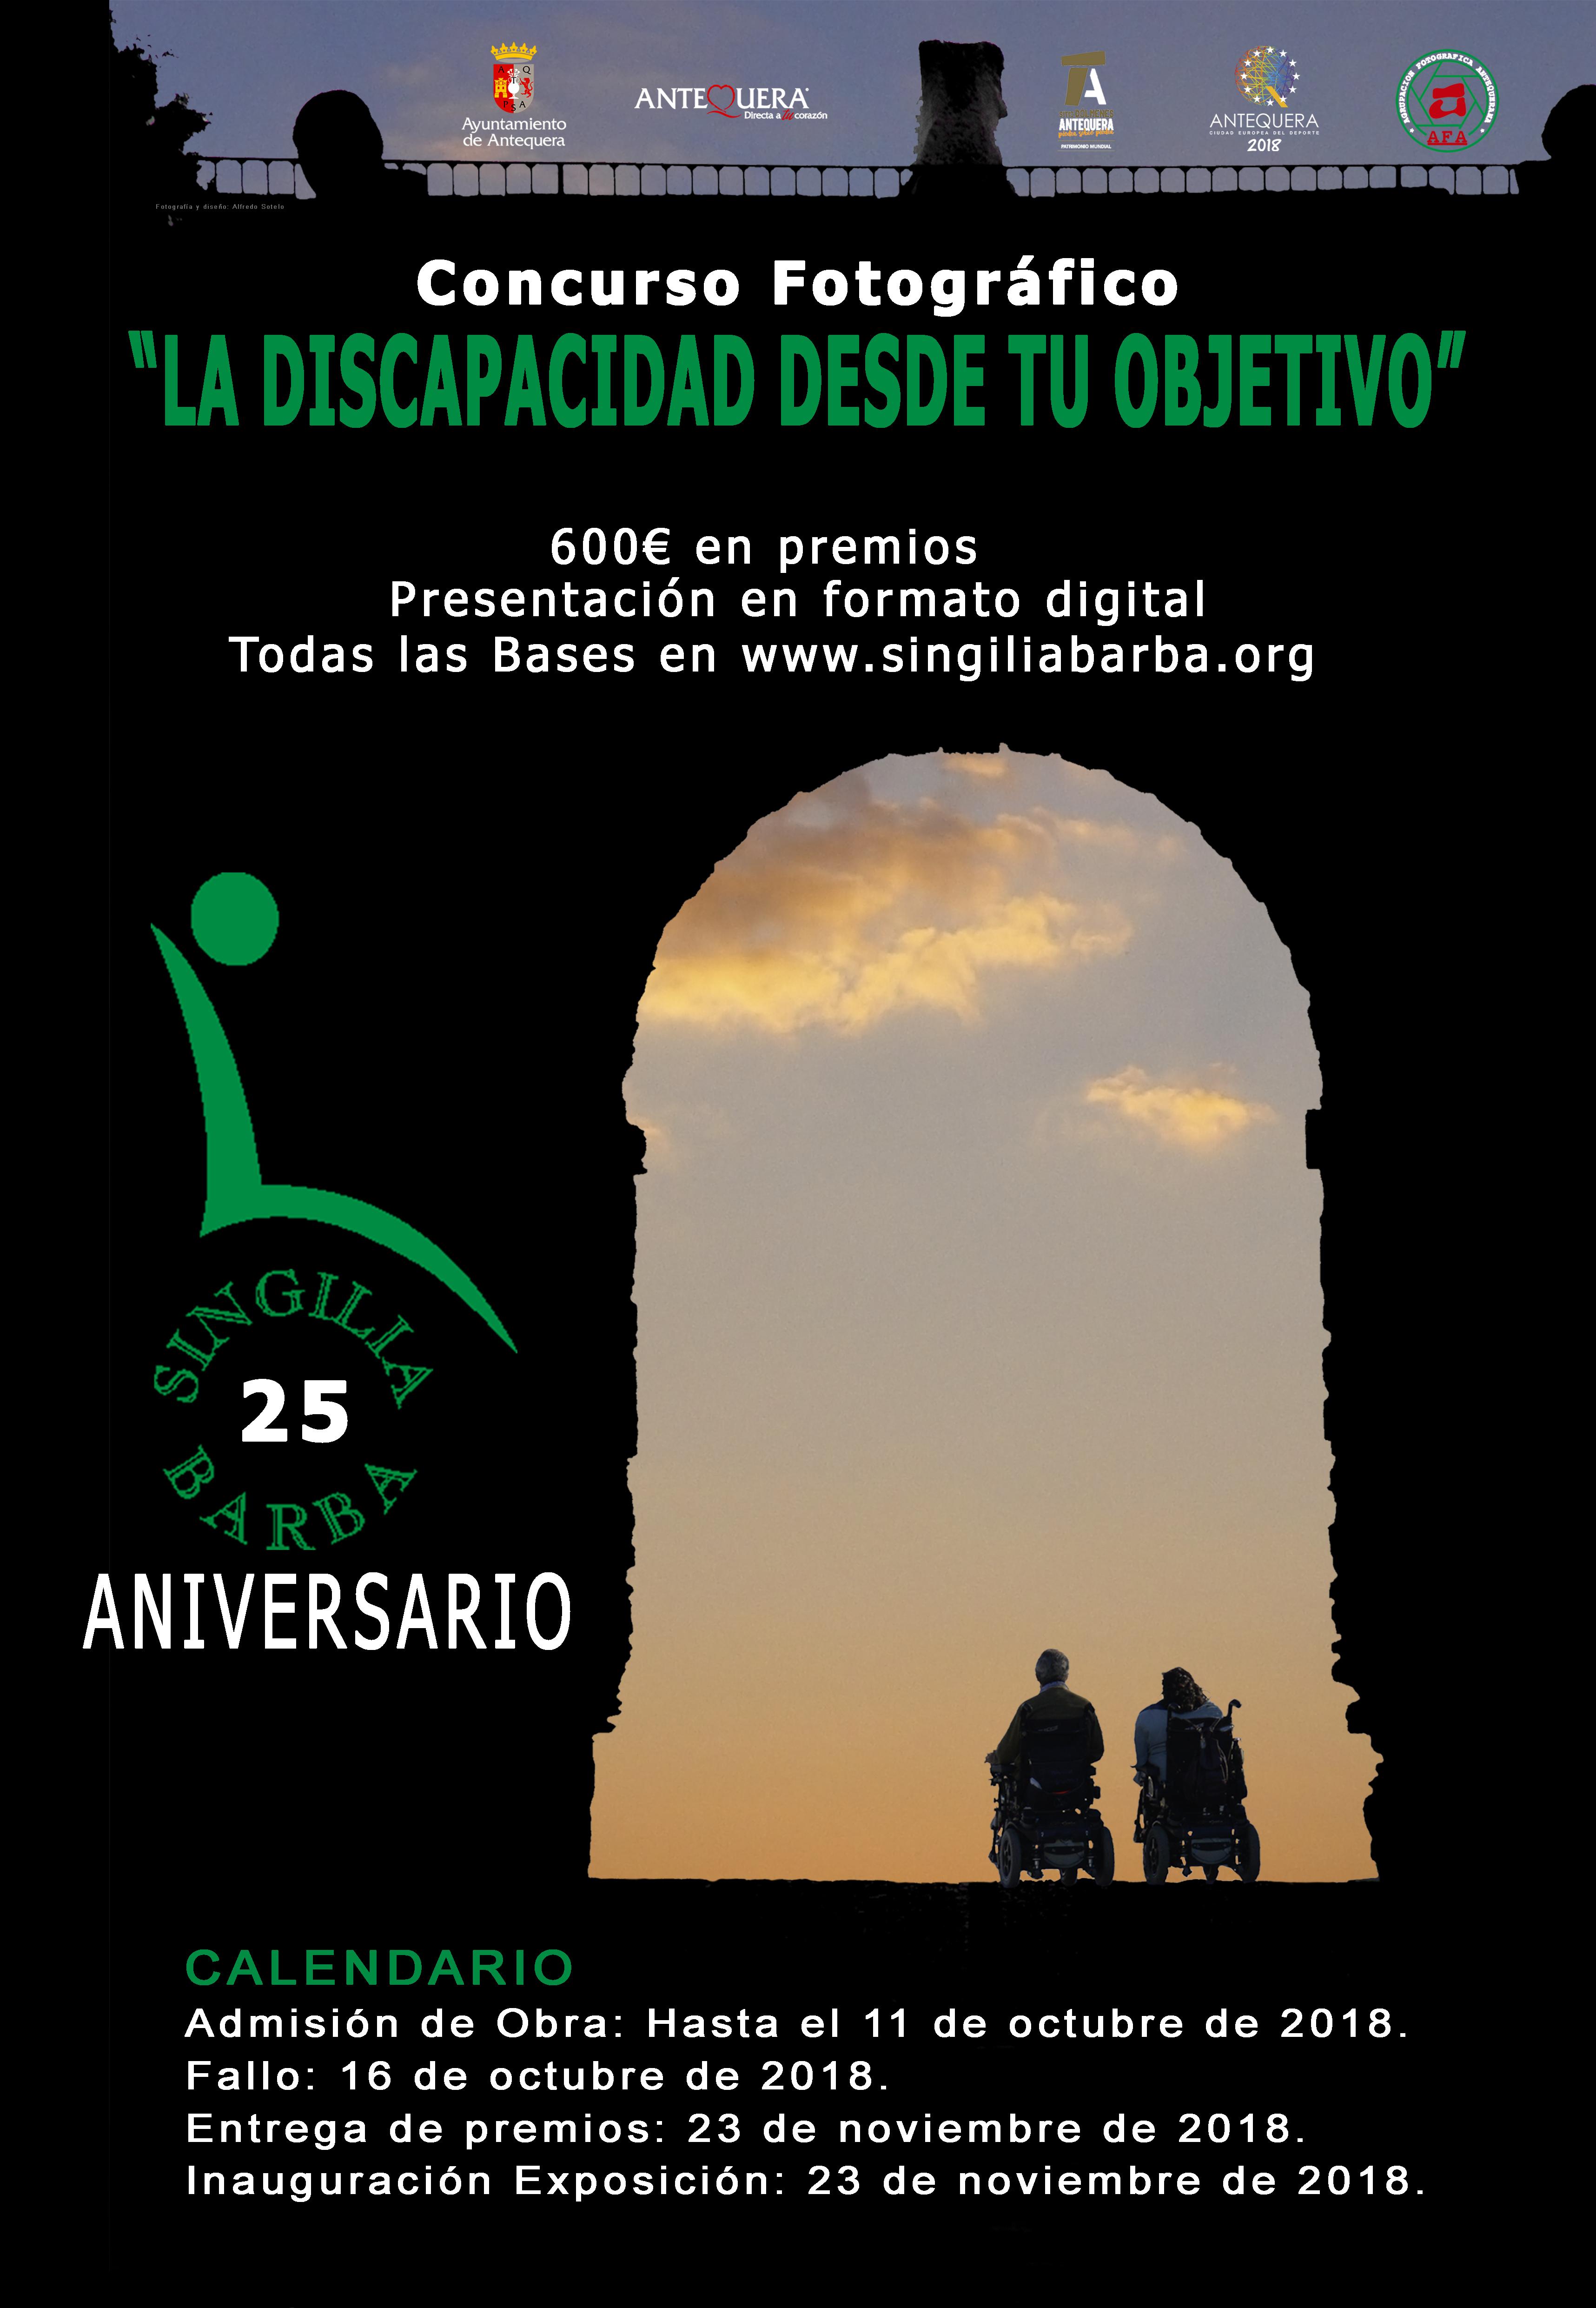 Concurso de fotos 'La discapacidad desde tu objetivo', hasta el 11 de octubre